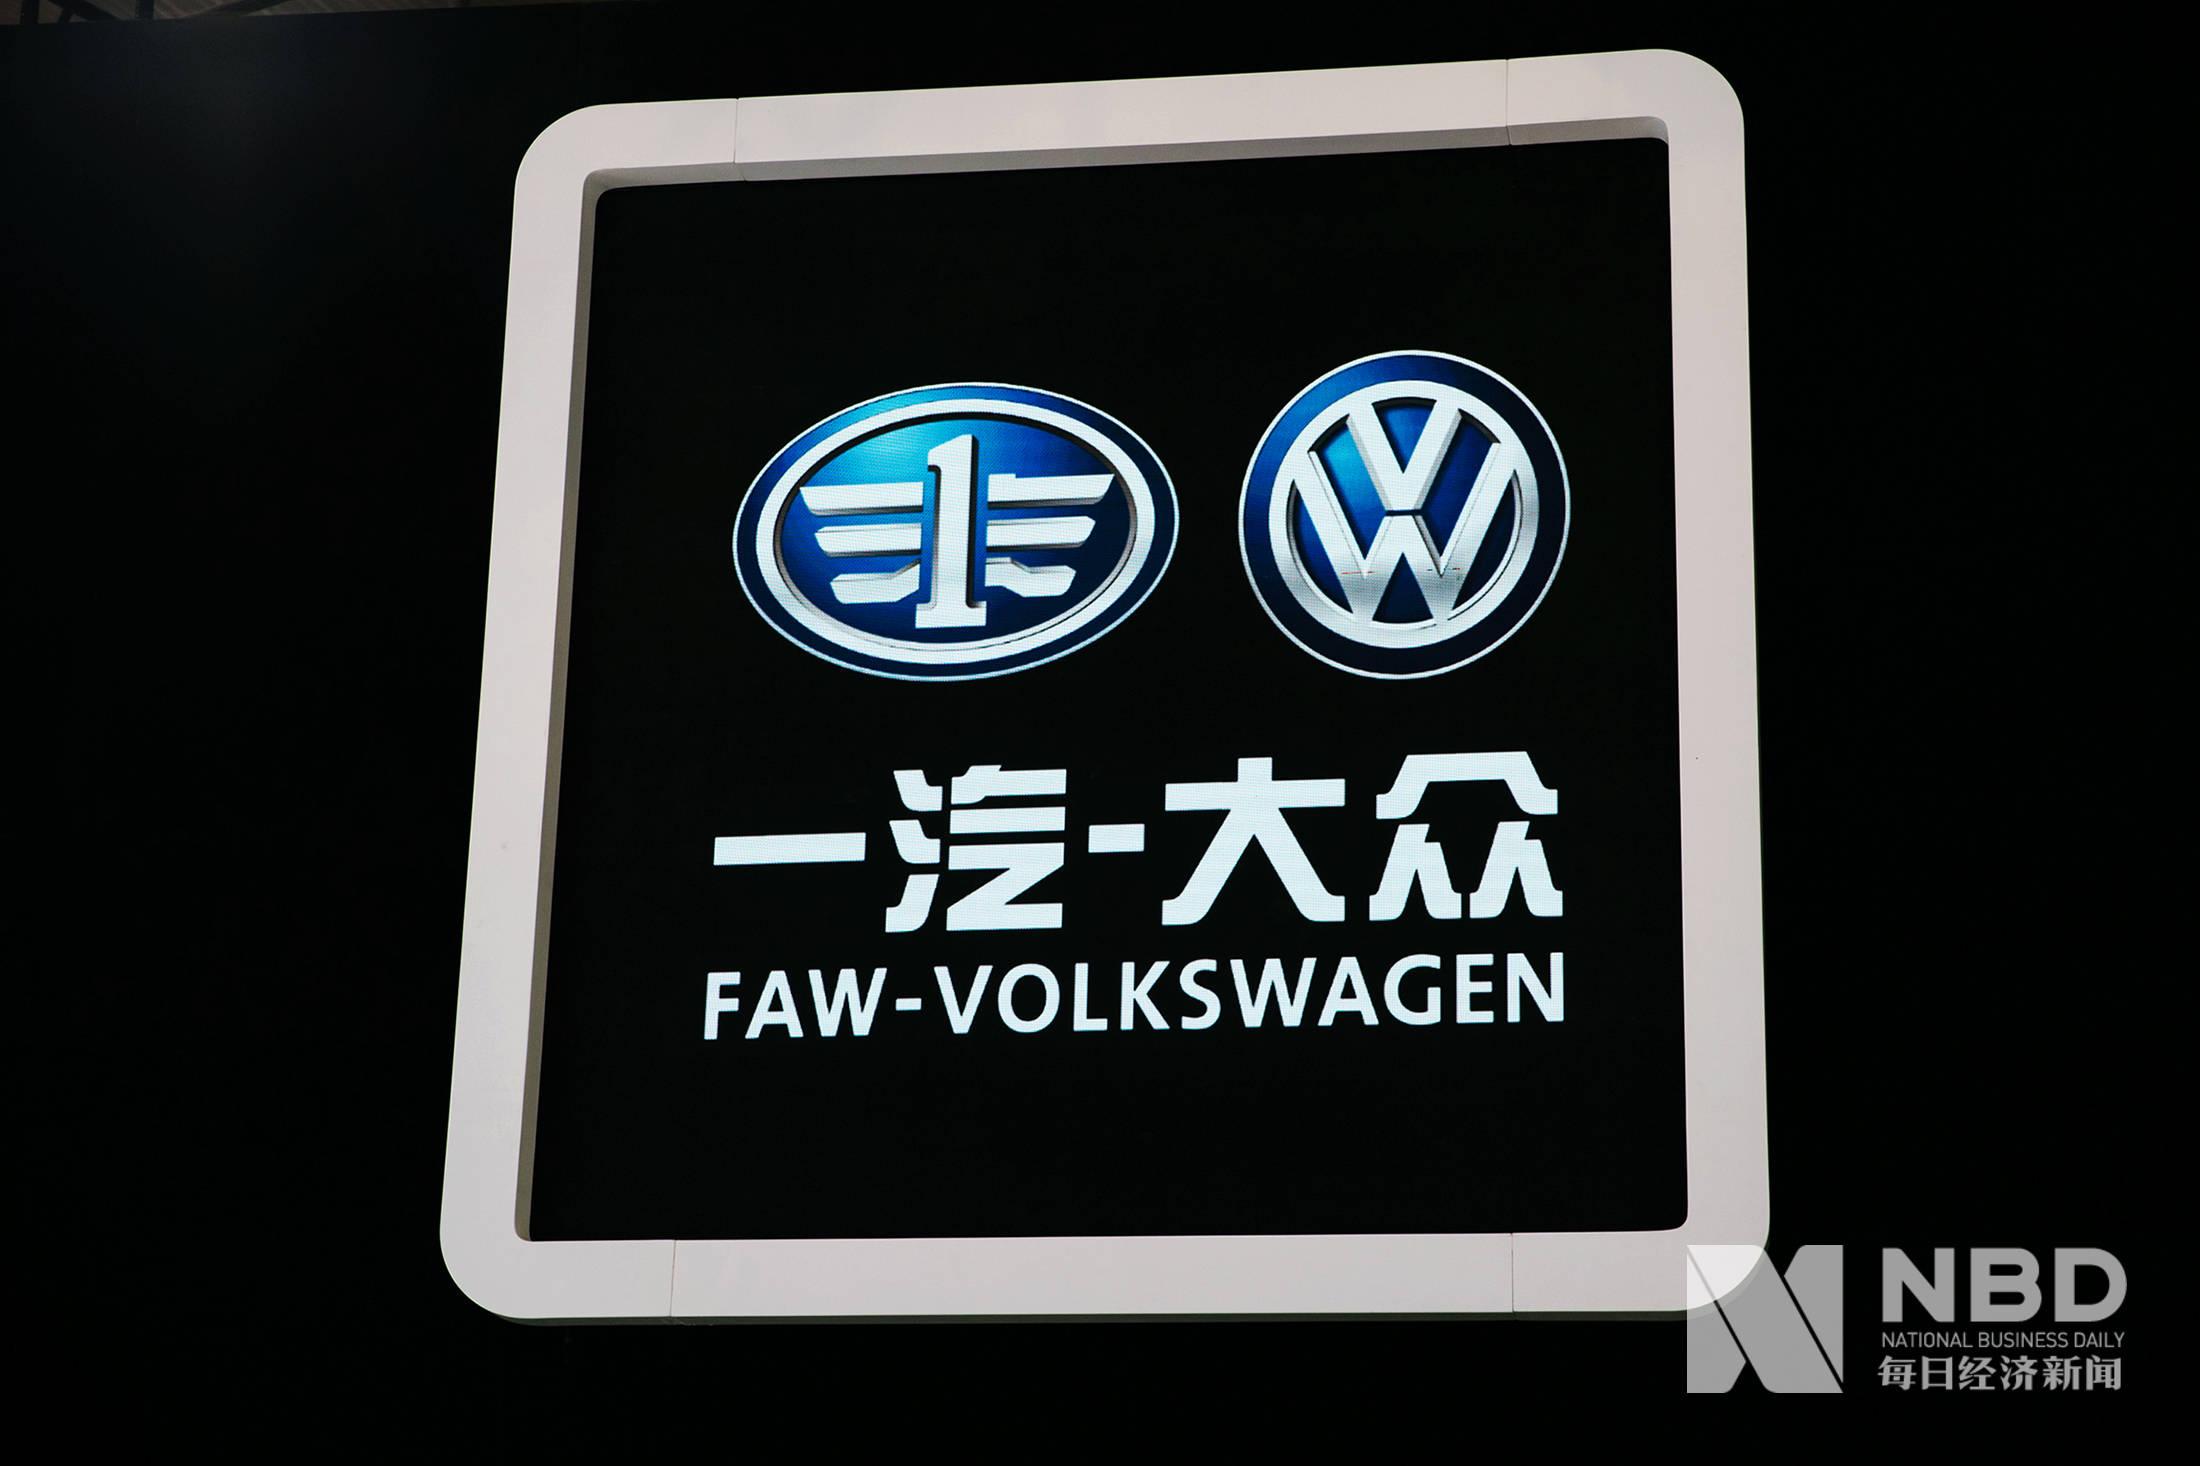 其三大品牌齐心协力。一汽大众2020年累计销量超过216万辆